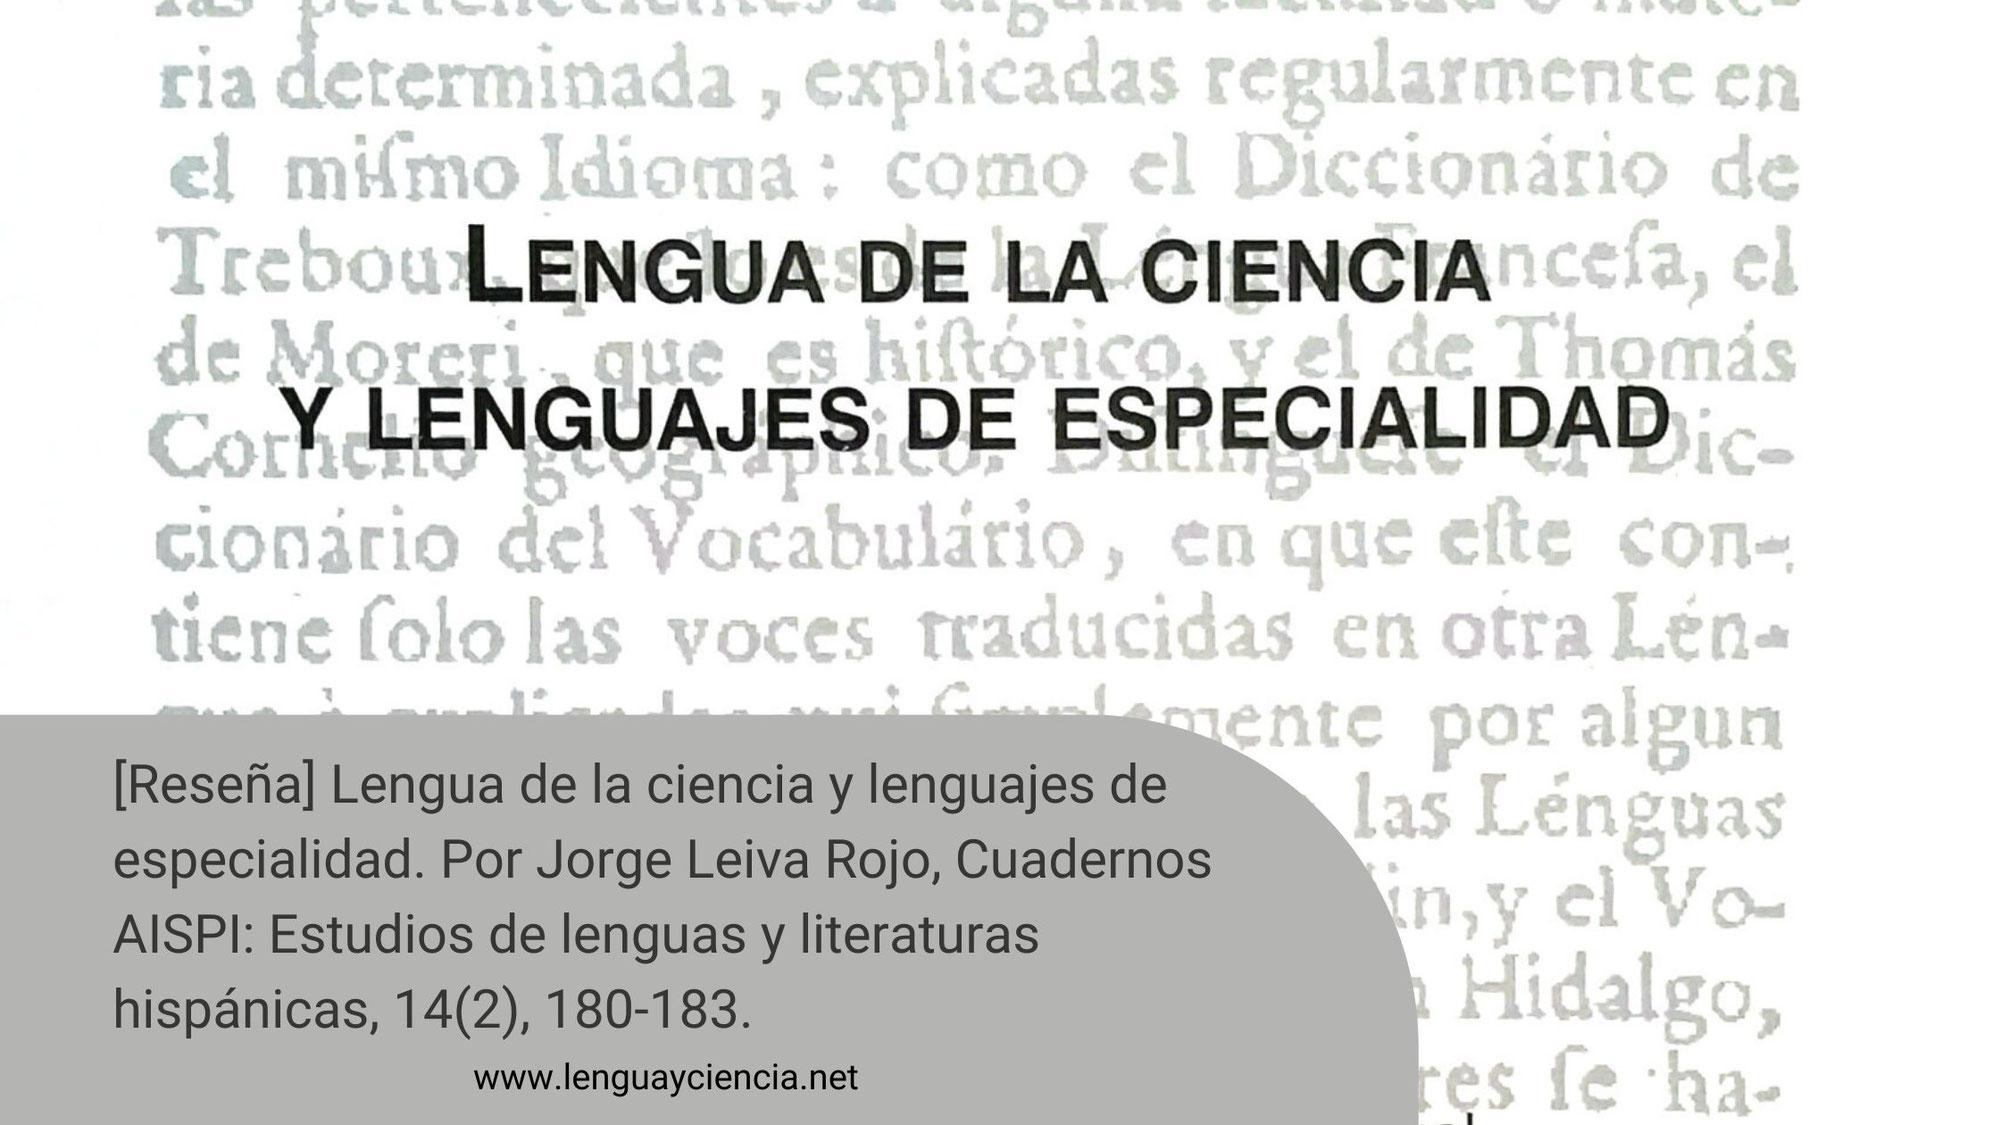 [Reseña] Lengua de la ciencia y lenguajes de especialidad